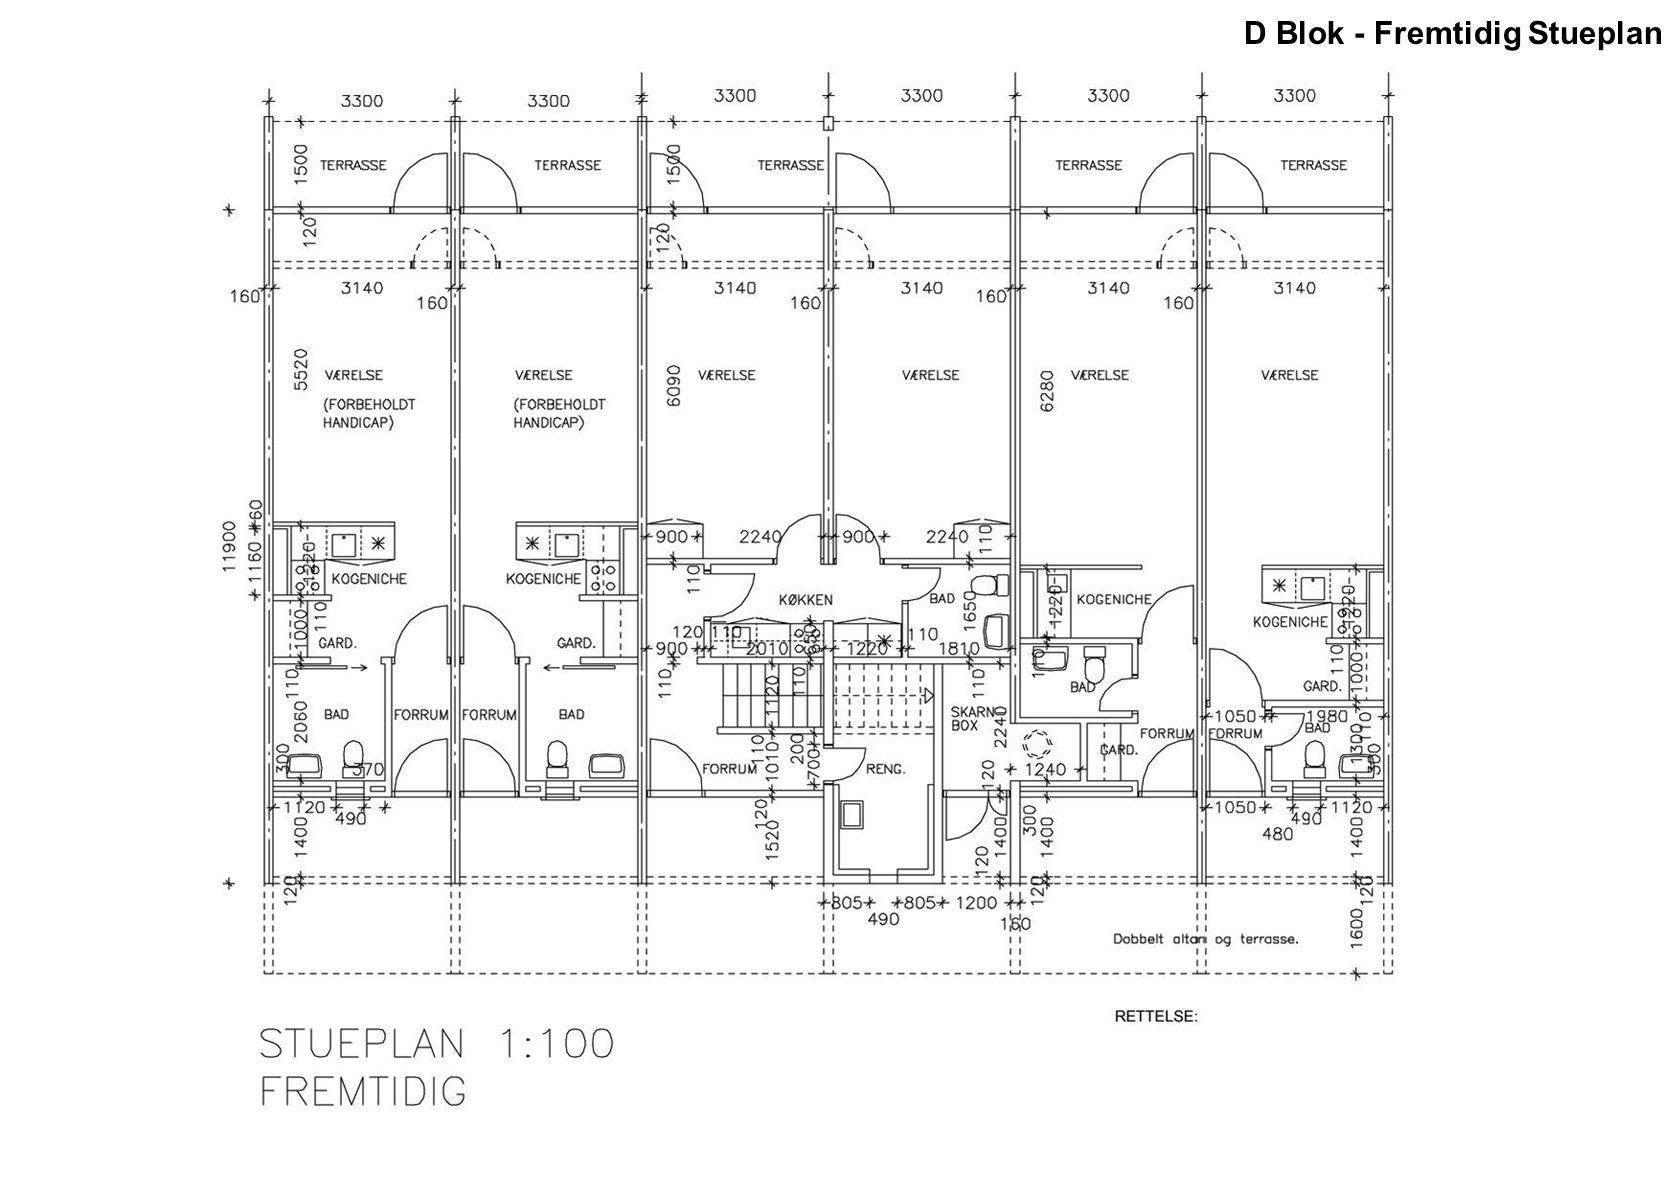 D Blok - Fremtidig Stueplan